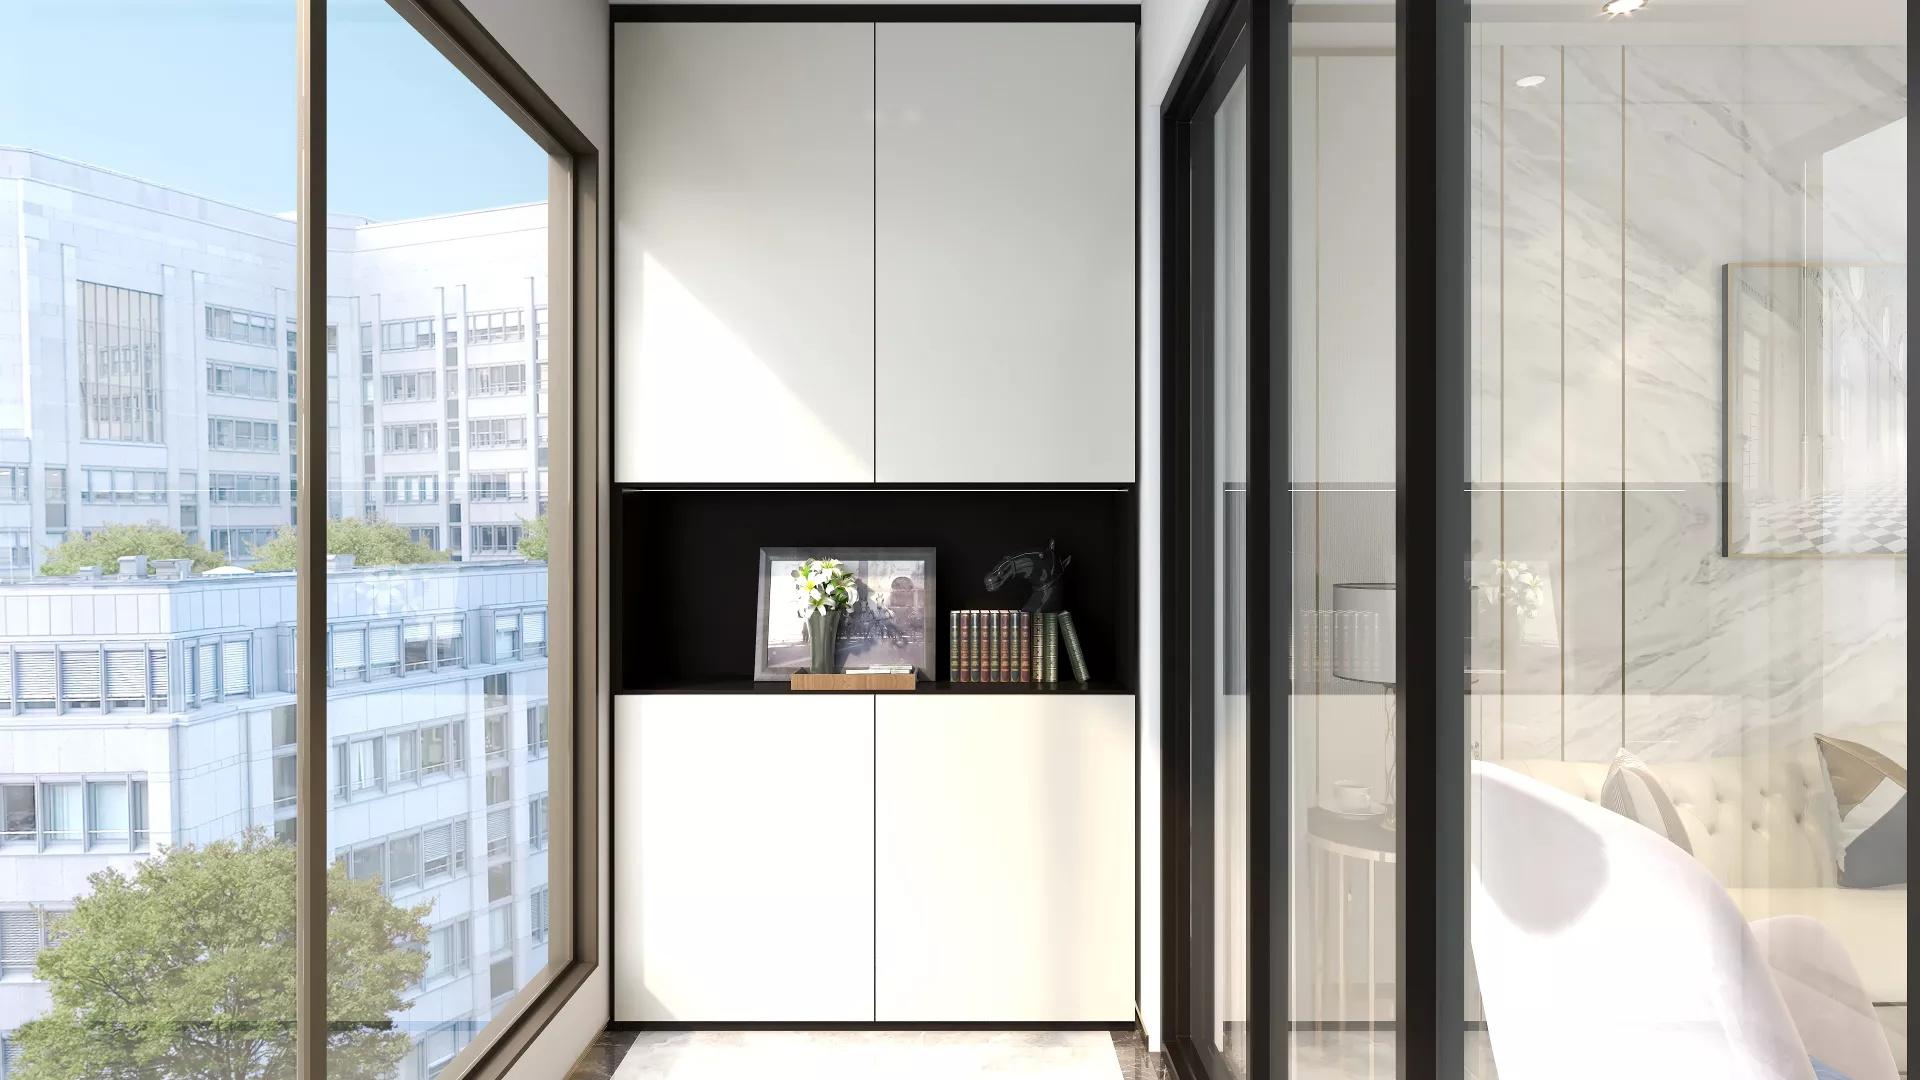 室内装饰风格有哪几类 室内装饰风格种类划分